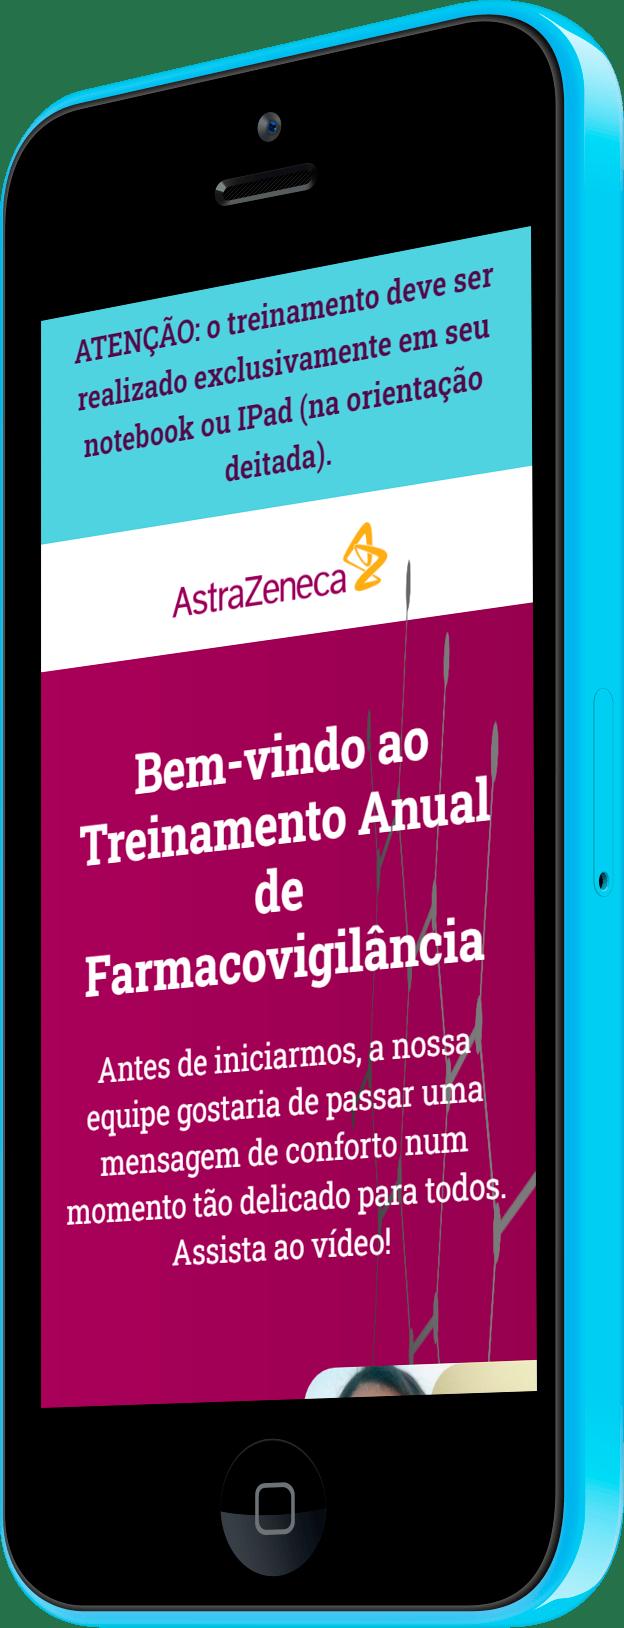 Imagem do portfólio Astrazeneca Treinamento Farmaco 2020